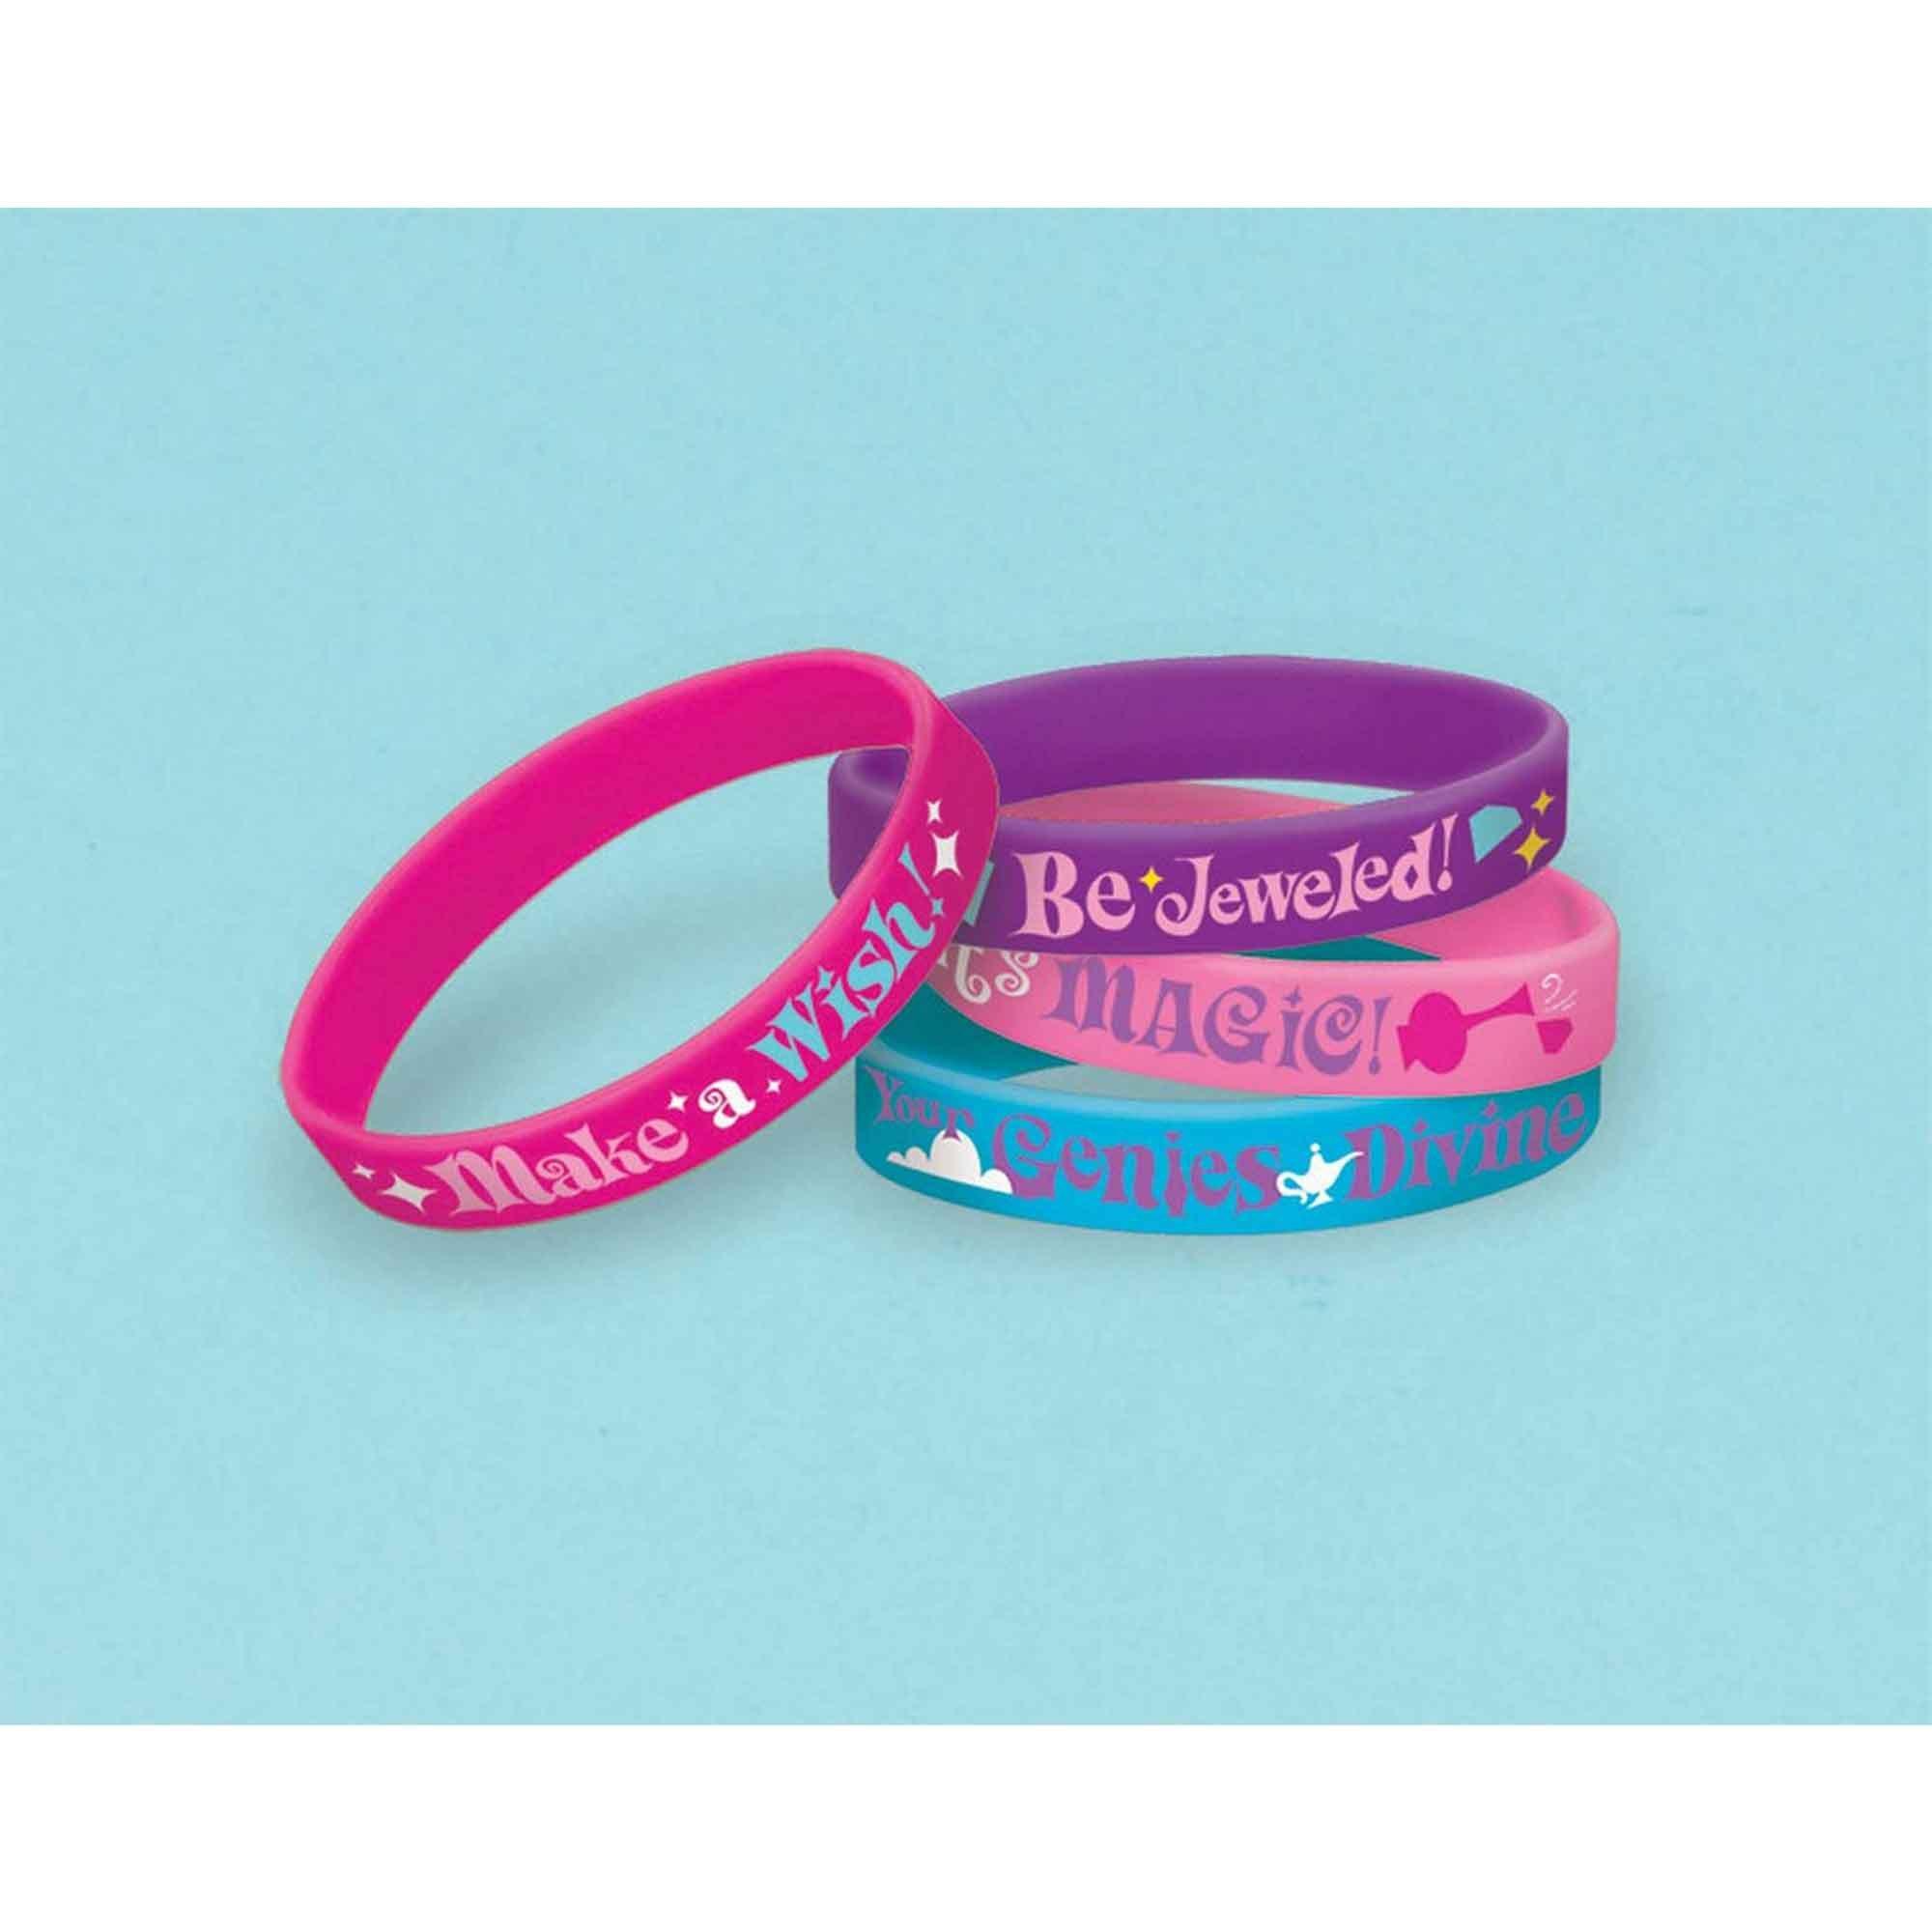 Shimmer and Shine Rubber Bracelets